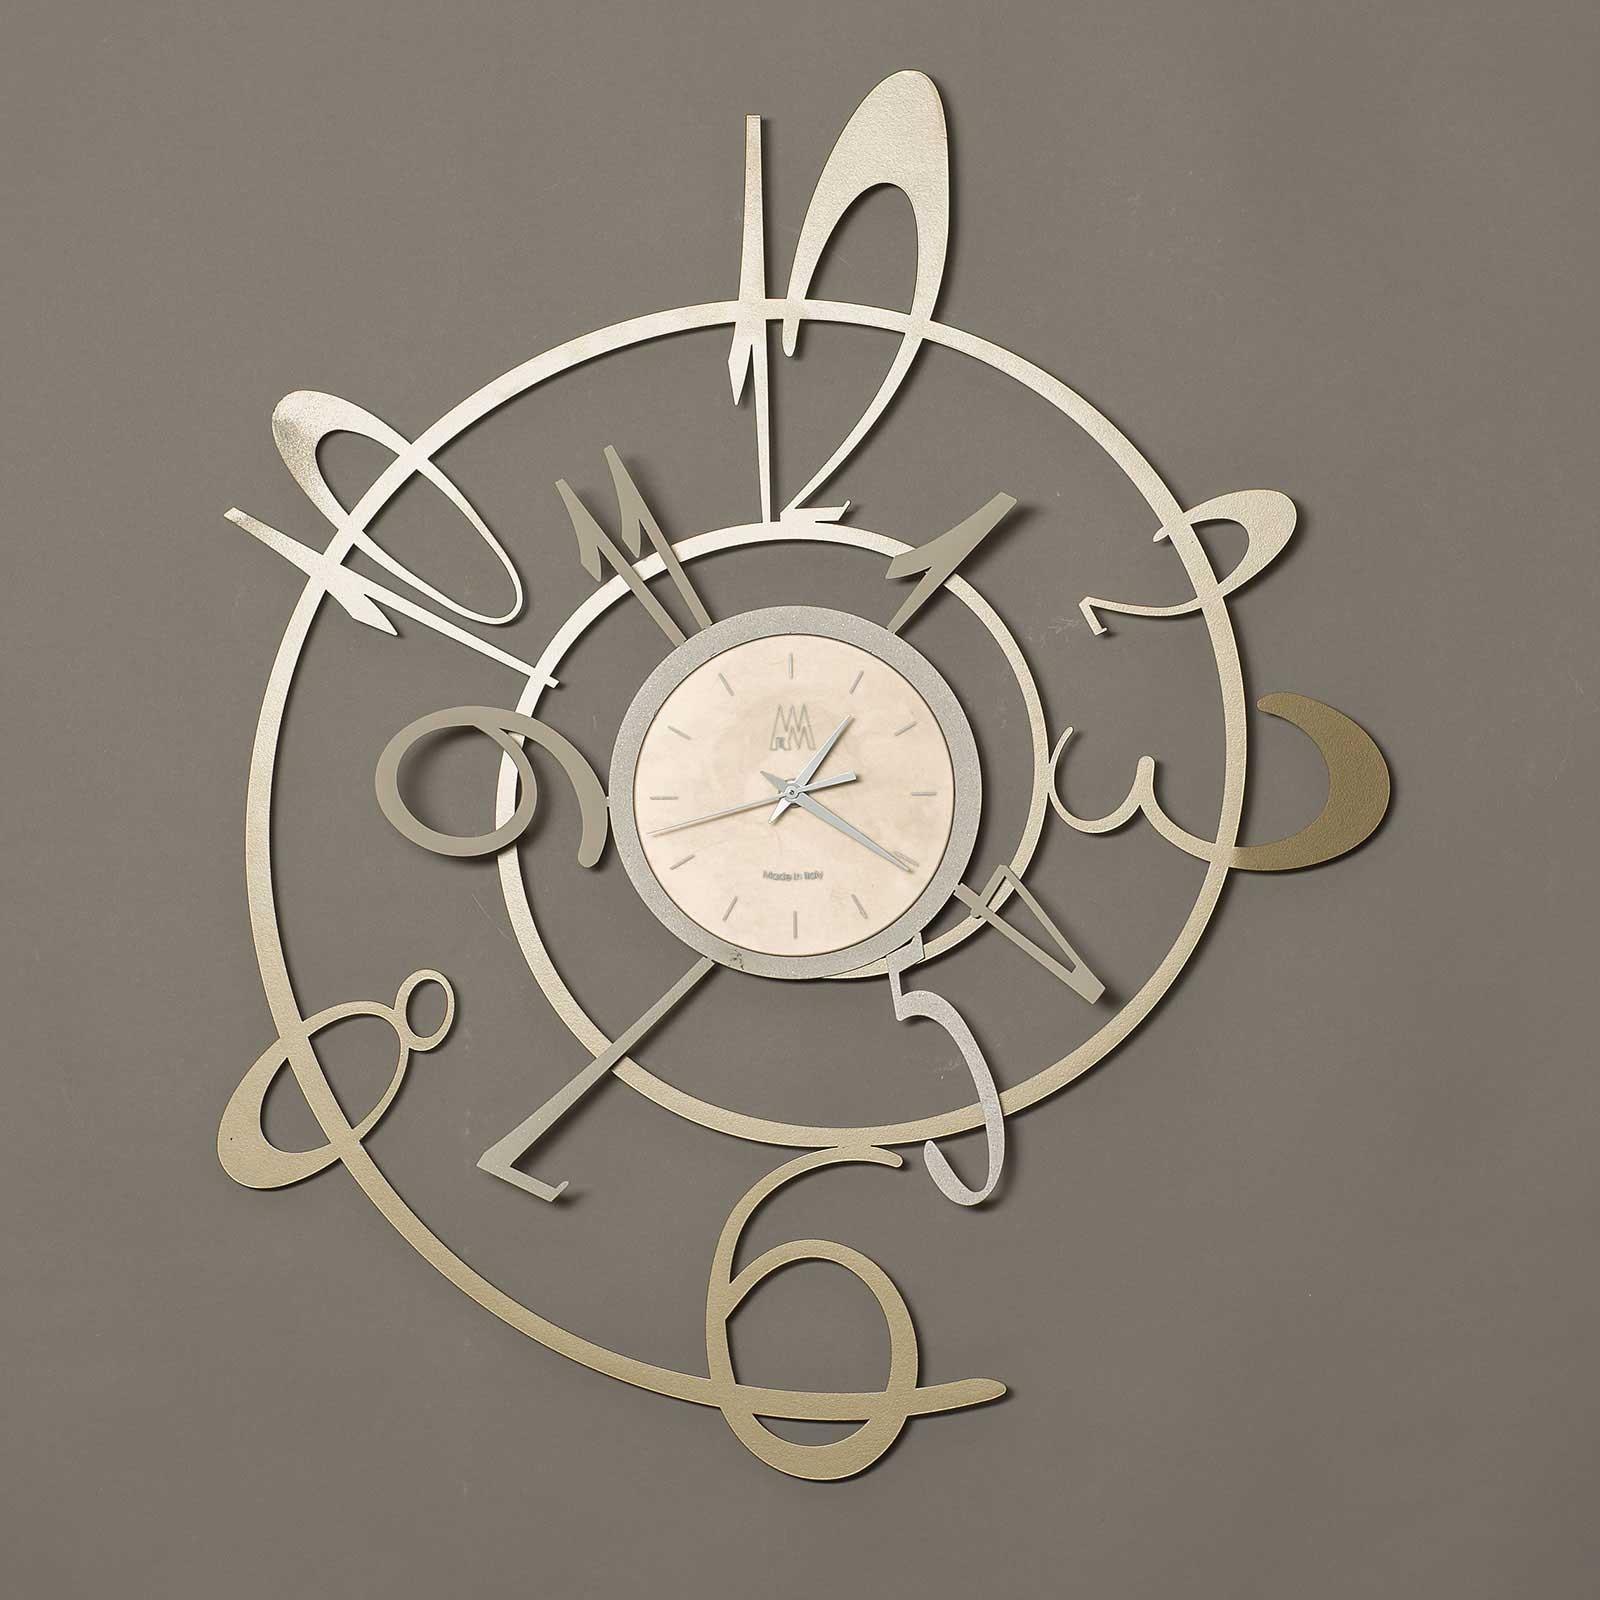 Arti e Mestieri Orologio a parete in metallo collezione New George